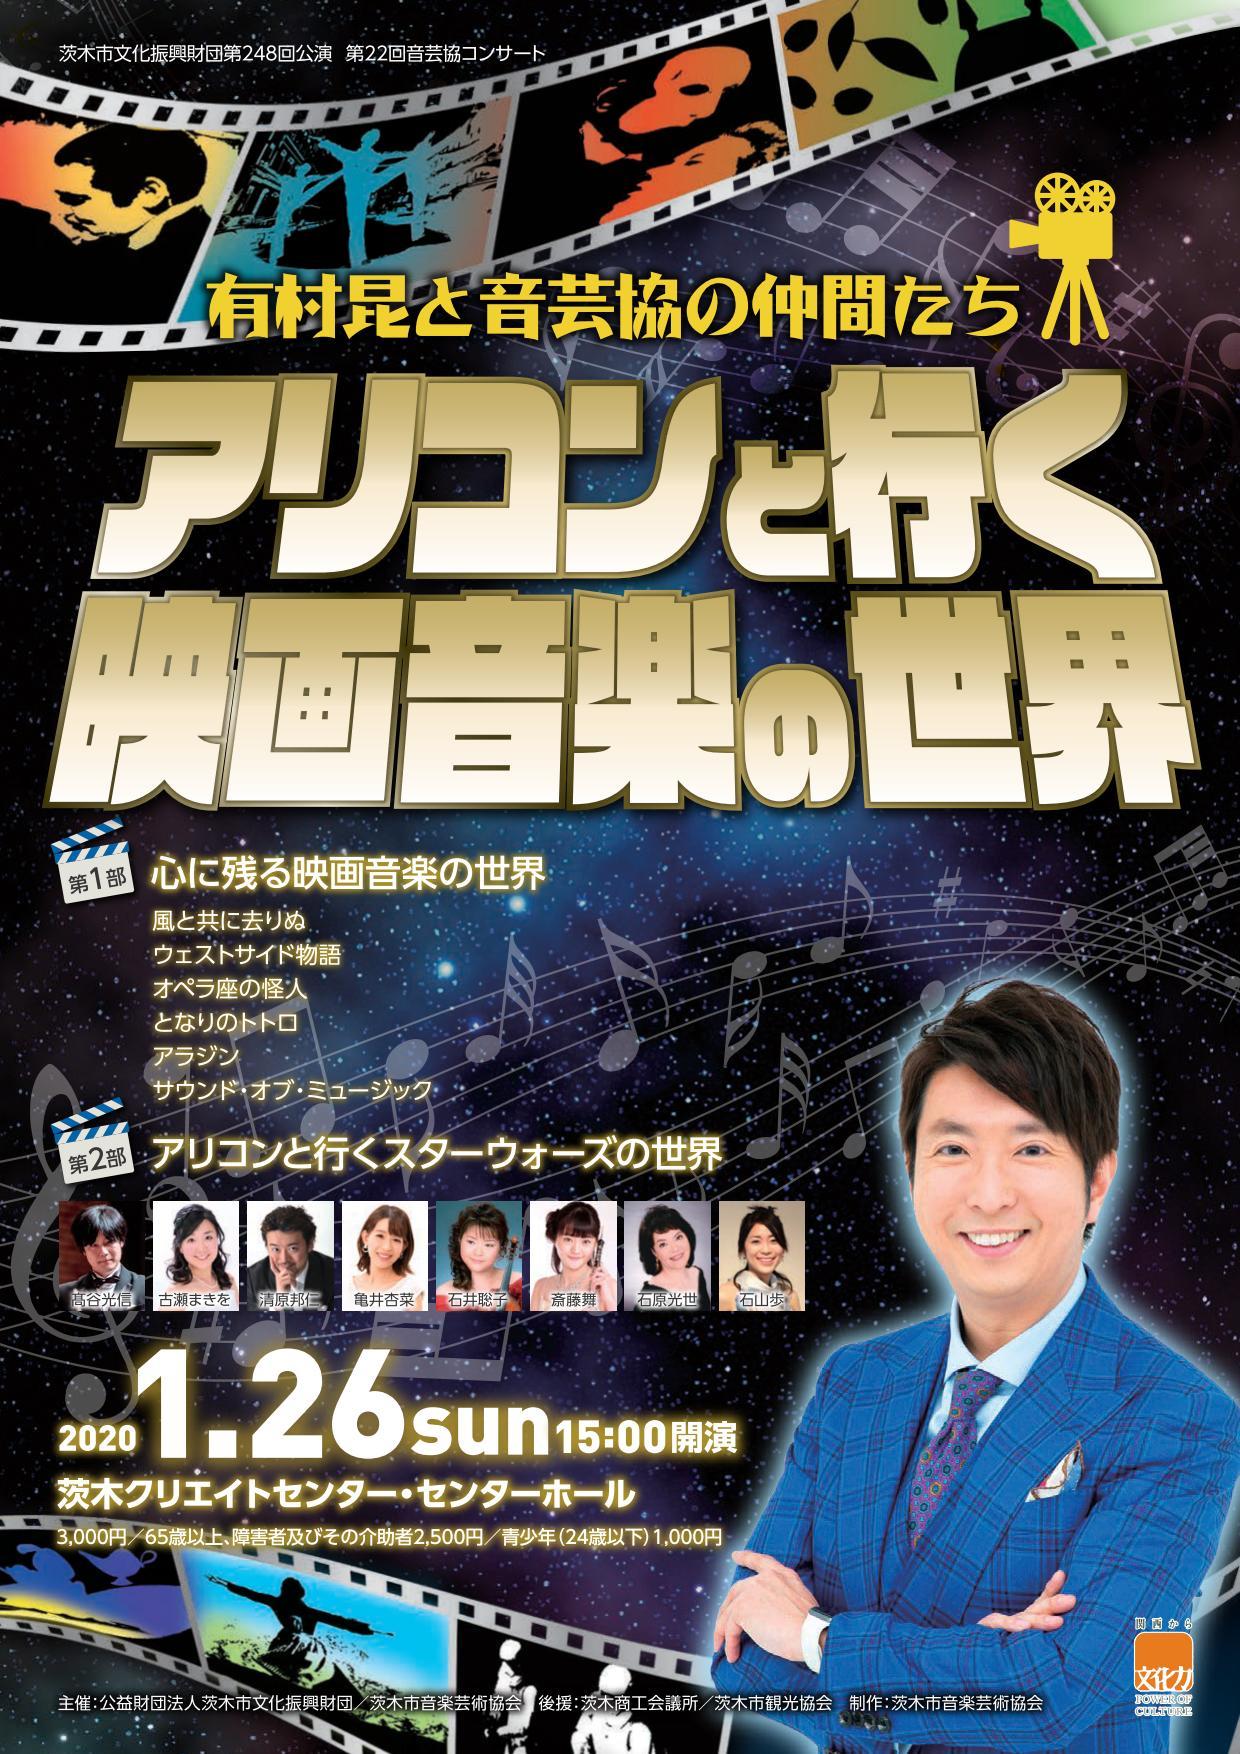 第248回公演/第22回音芸協コンサート「有村昆と音芸協の仲間たち」